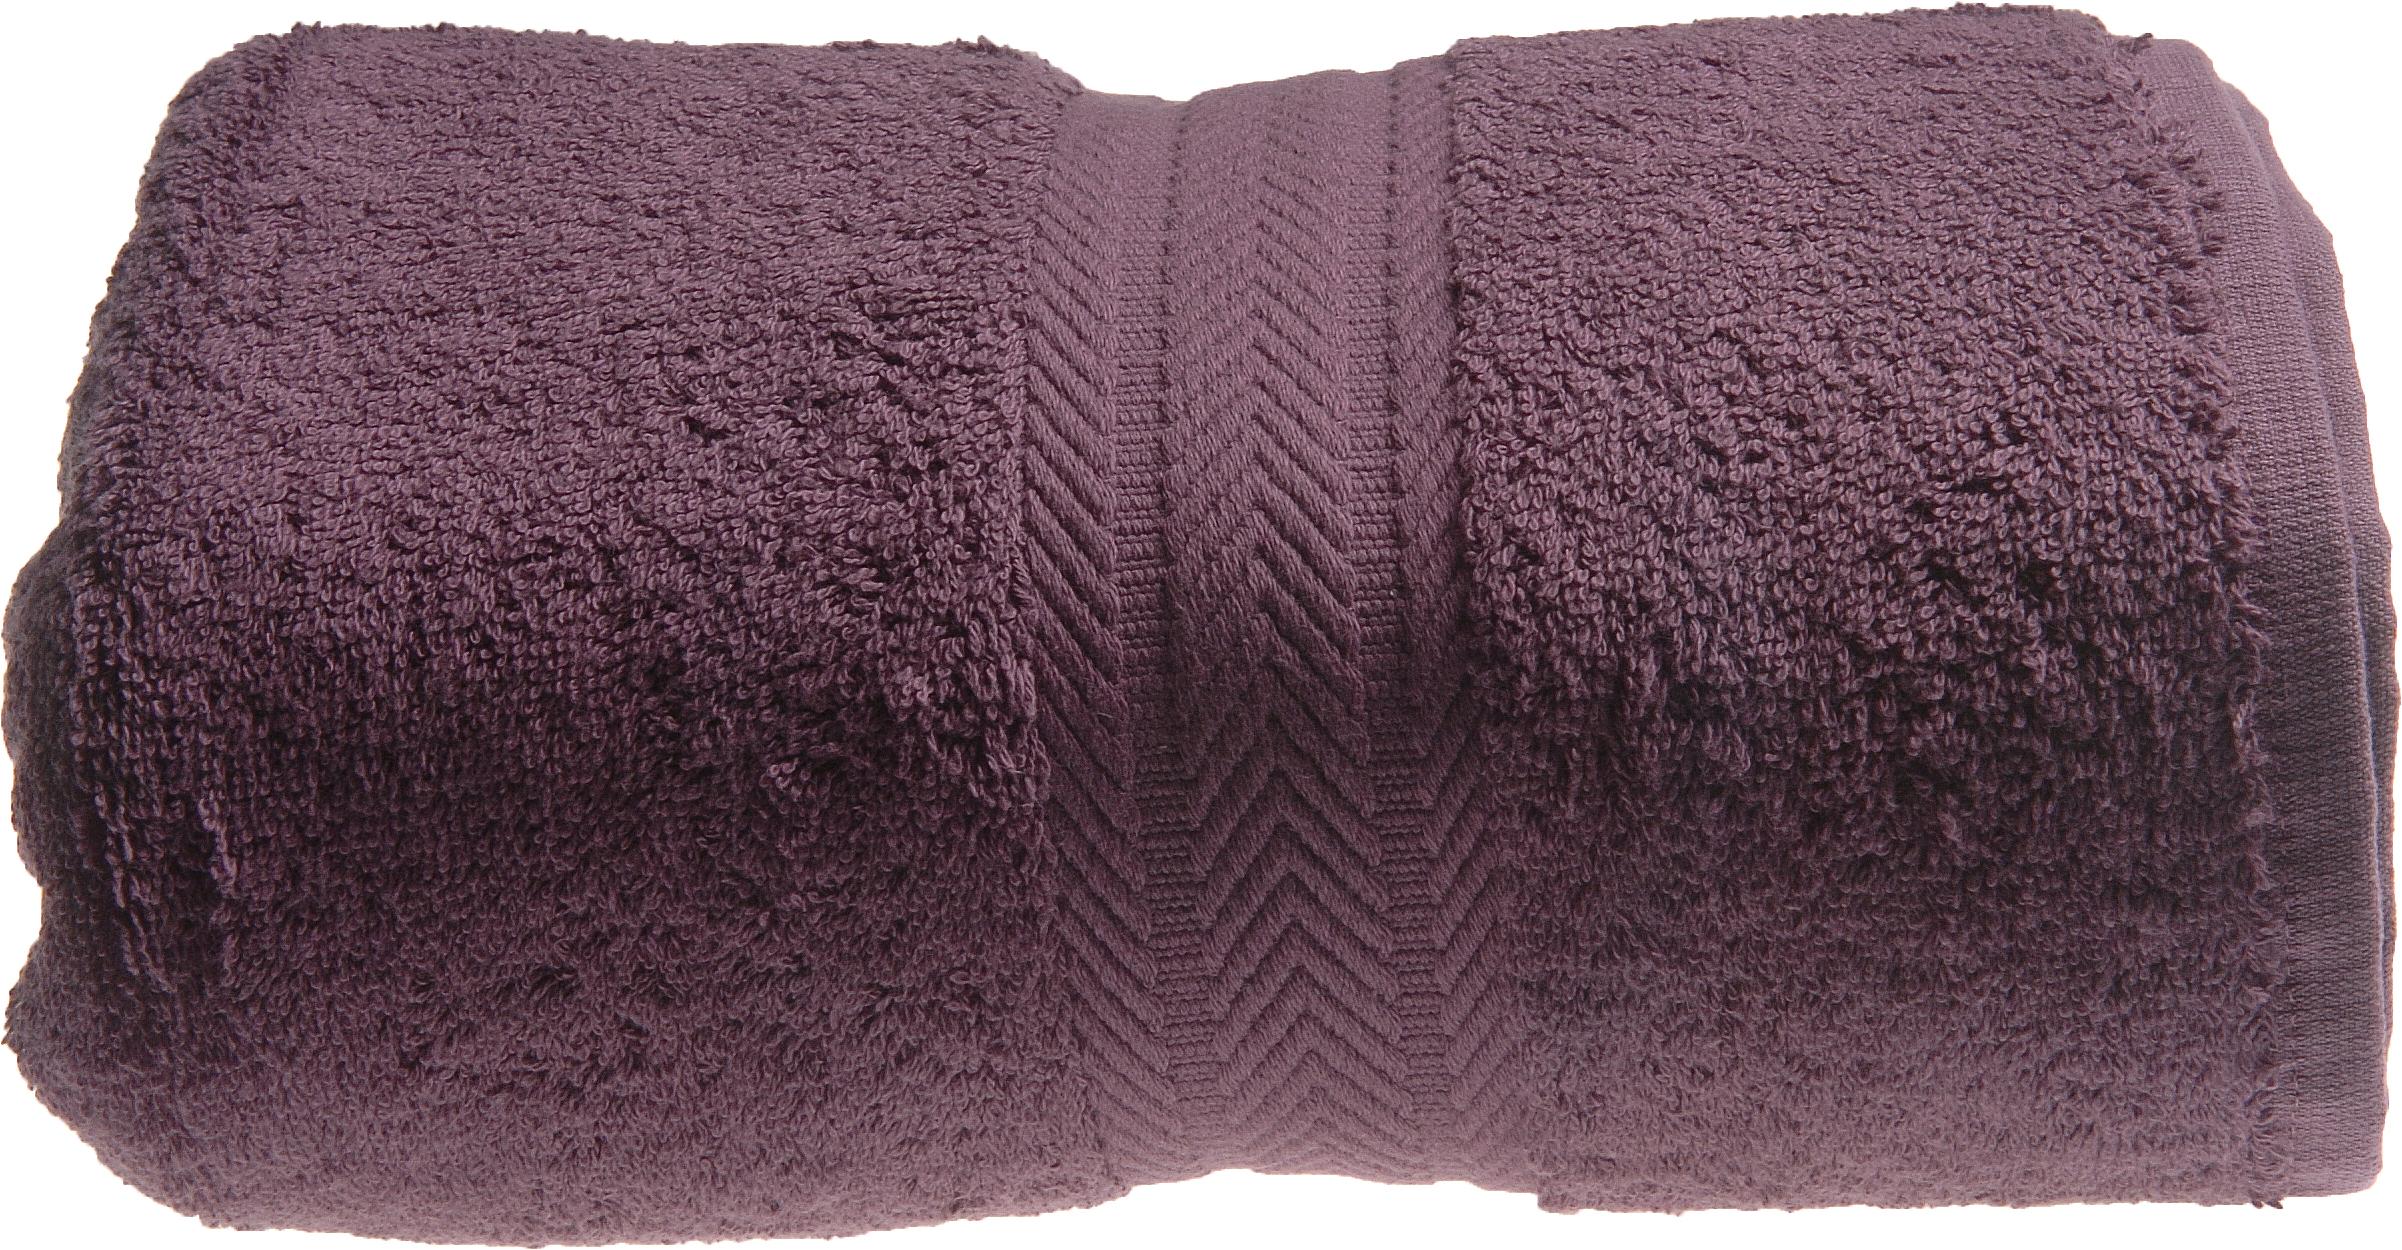 Drap de douche 70 x 140 cm en Coton couleur Myrtille (Myrtille)